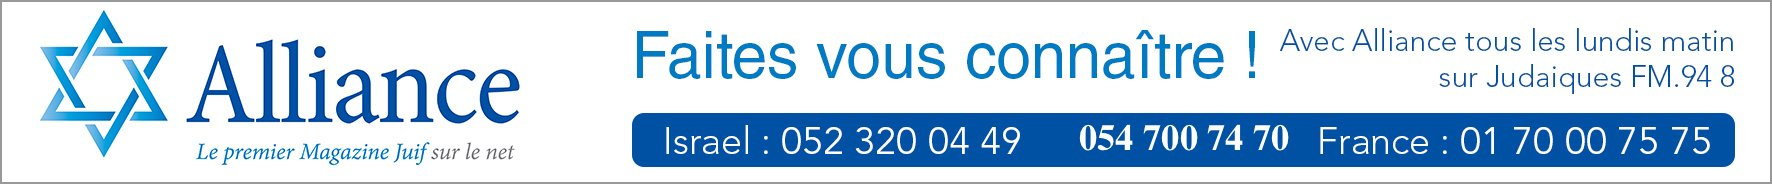 Faites vous connaître sur Alliance et sur la radio juive en France et en Israël